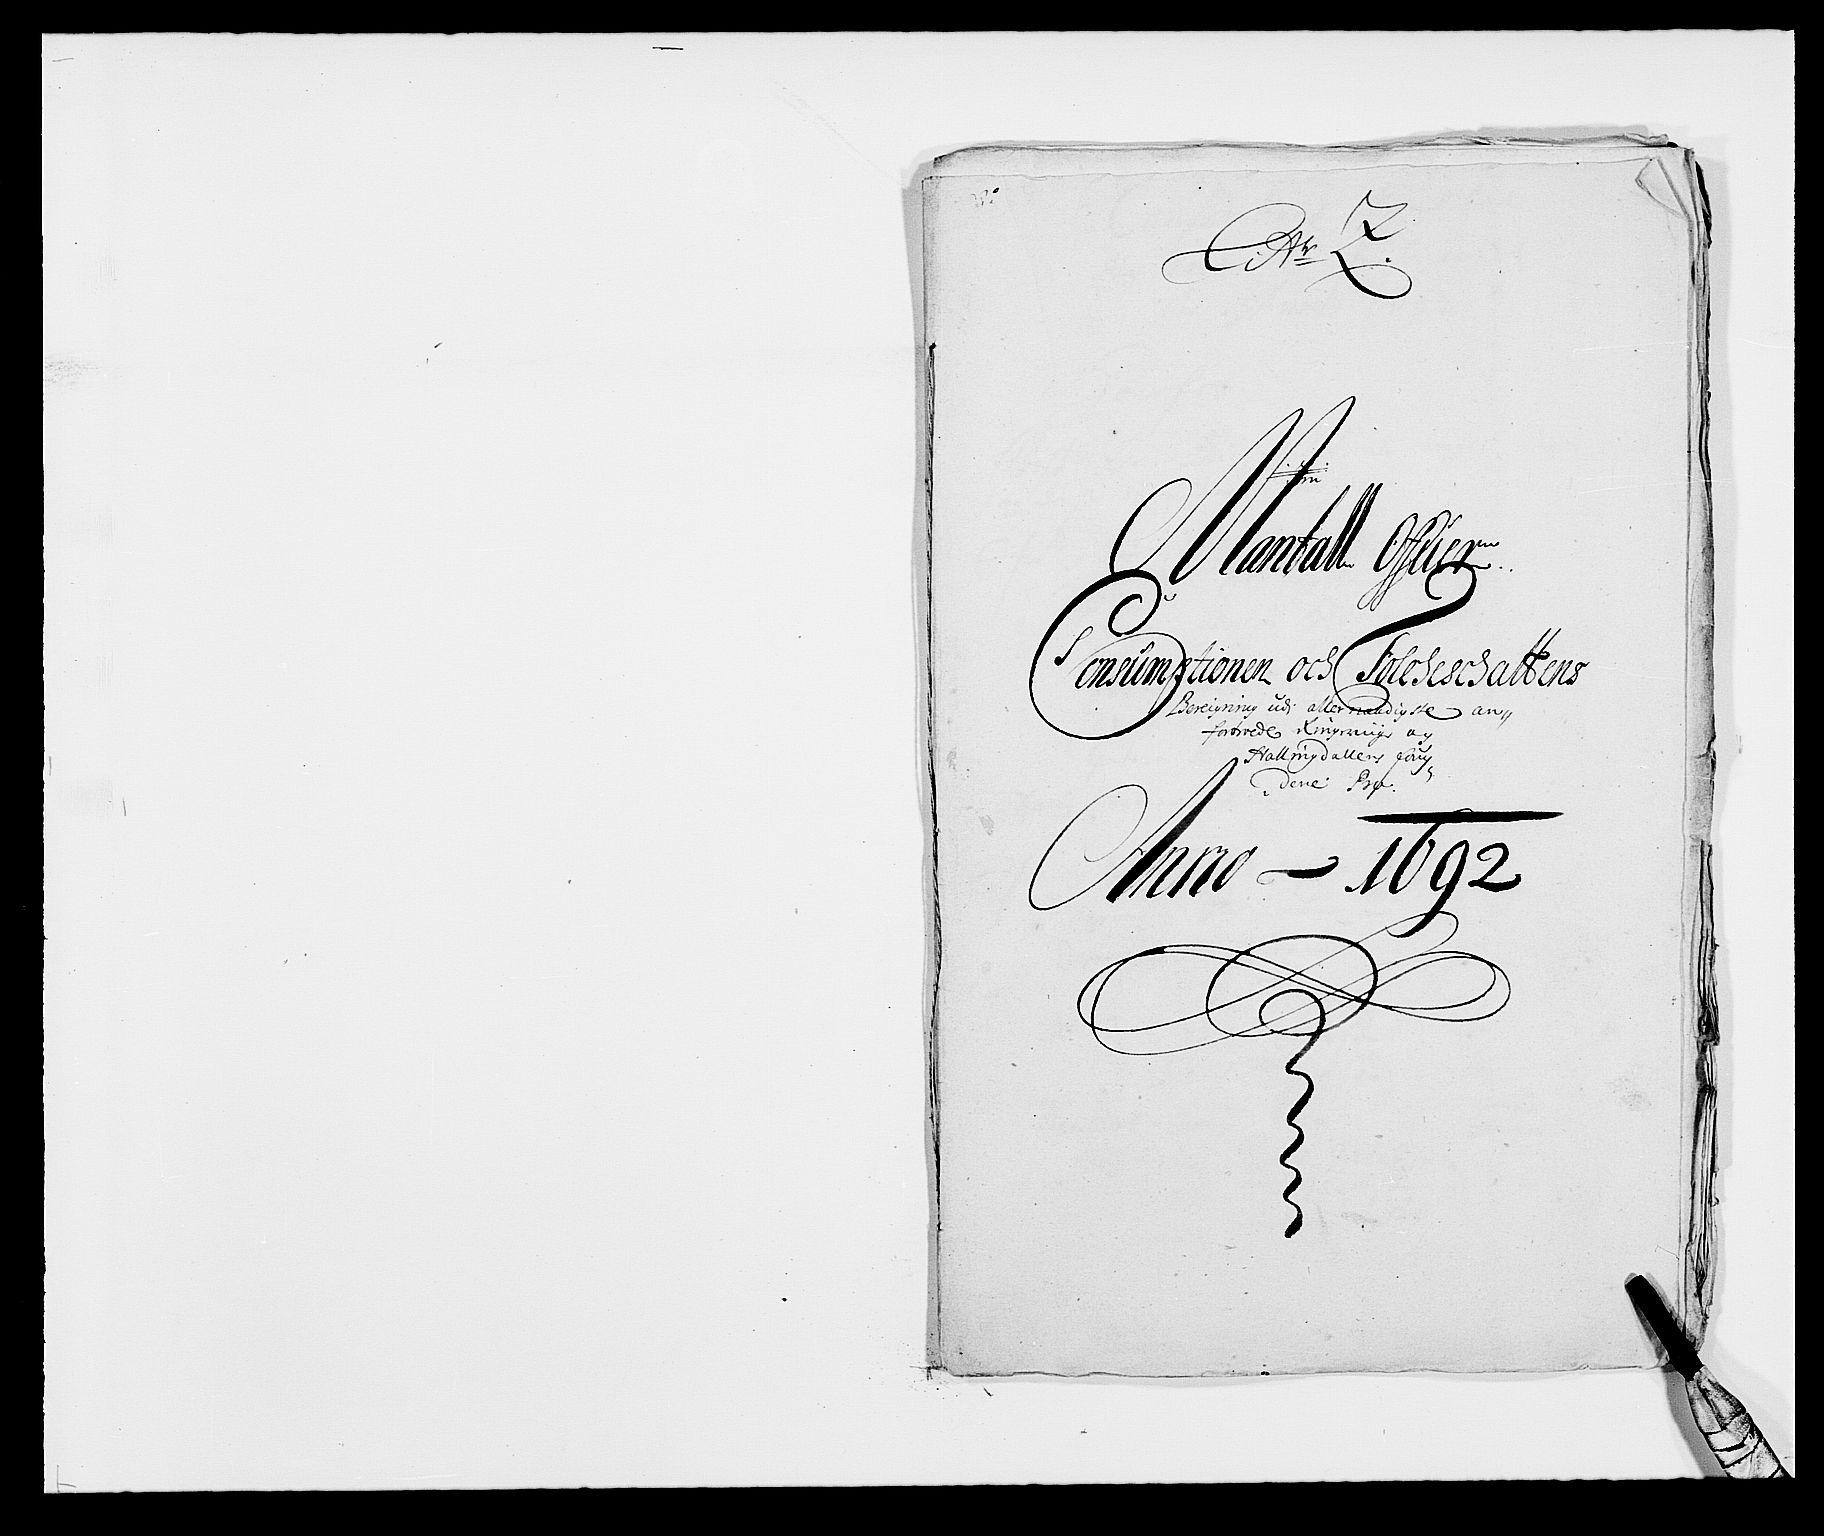 RA, Rentekammeret inntil 1814, Reviderte regnskaper, Fogderegnskap, R21/L1449: Fogderegnskap Ringerike og Hallingdal, 1690-1692, s. 124